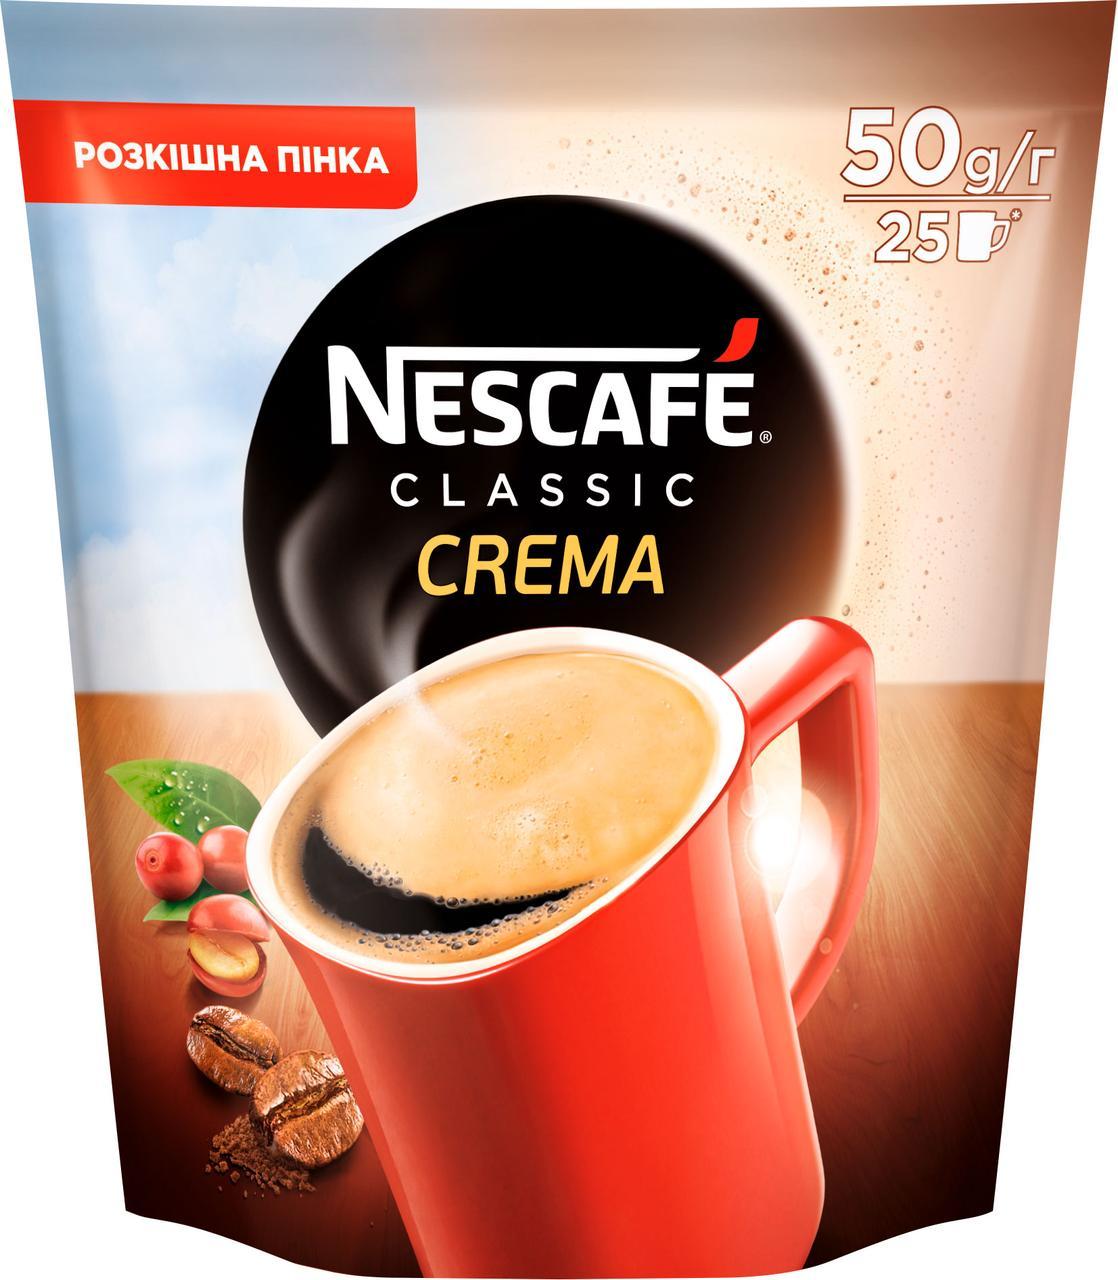 Кофе Nescafe Классик Крема растворимый 50 грамм в мягкой упаковке